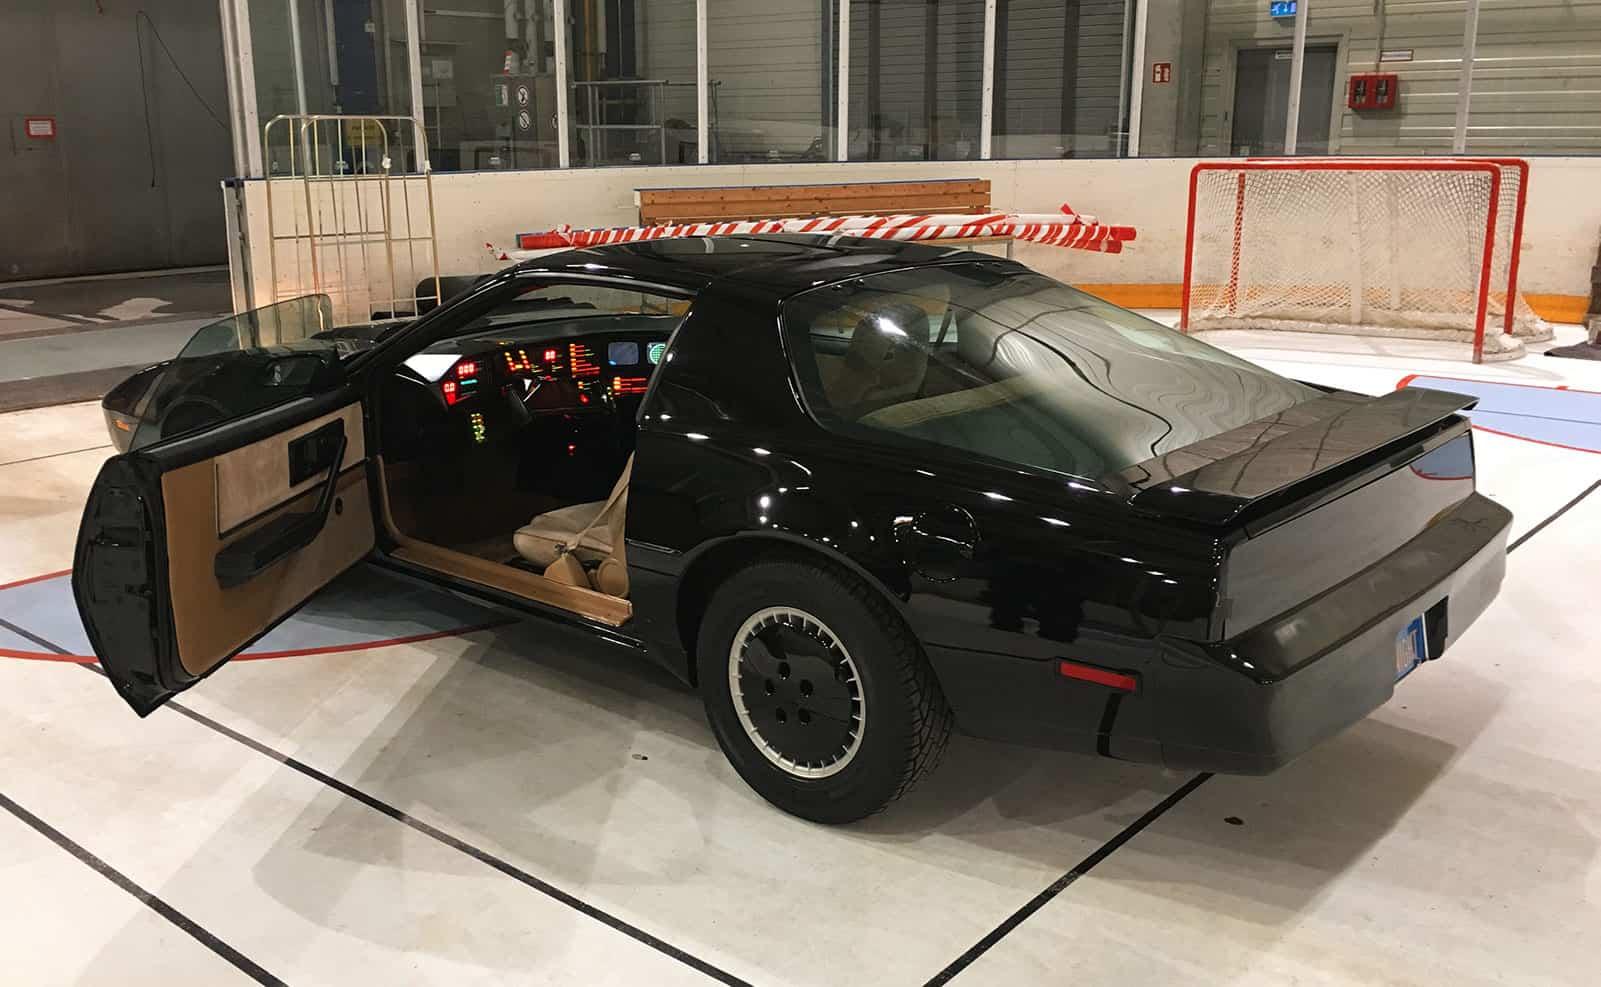 KITT Replika Eishalle Knight Rider of Germany on ice